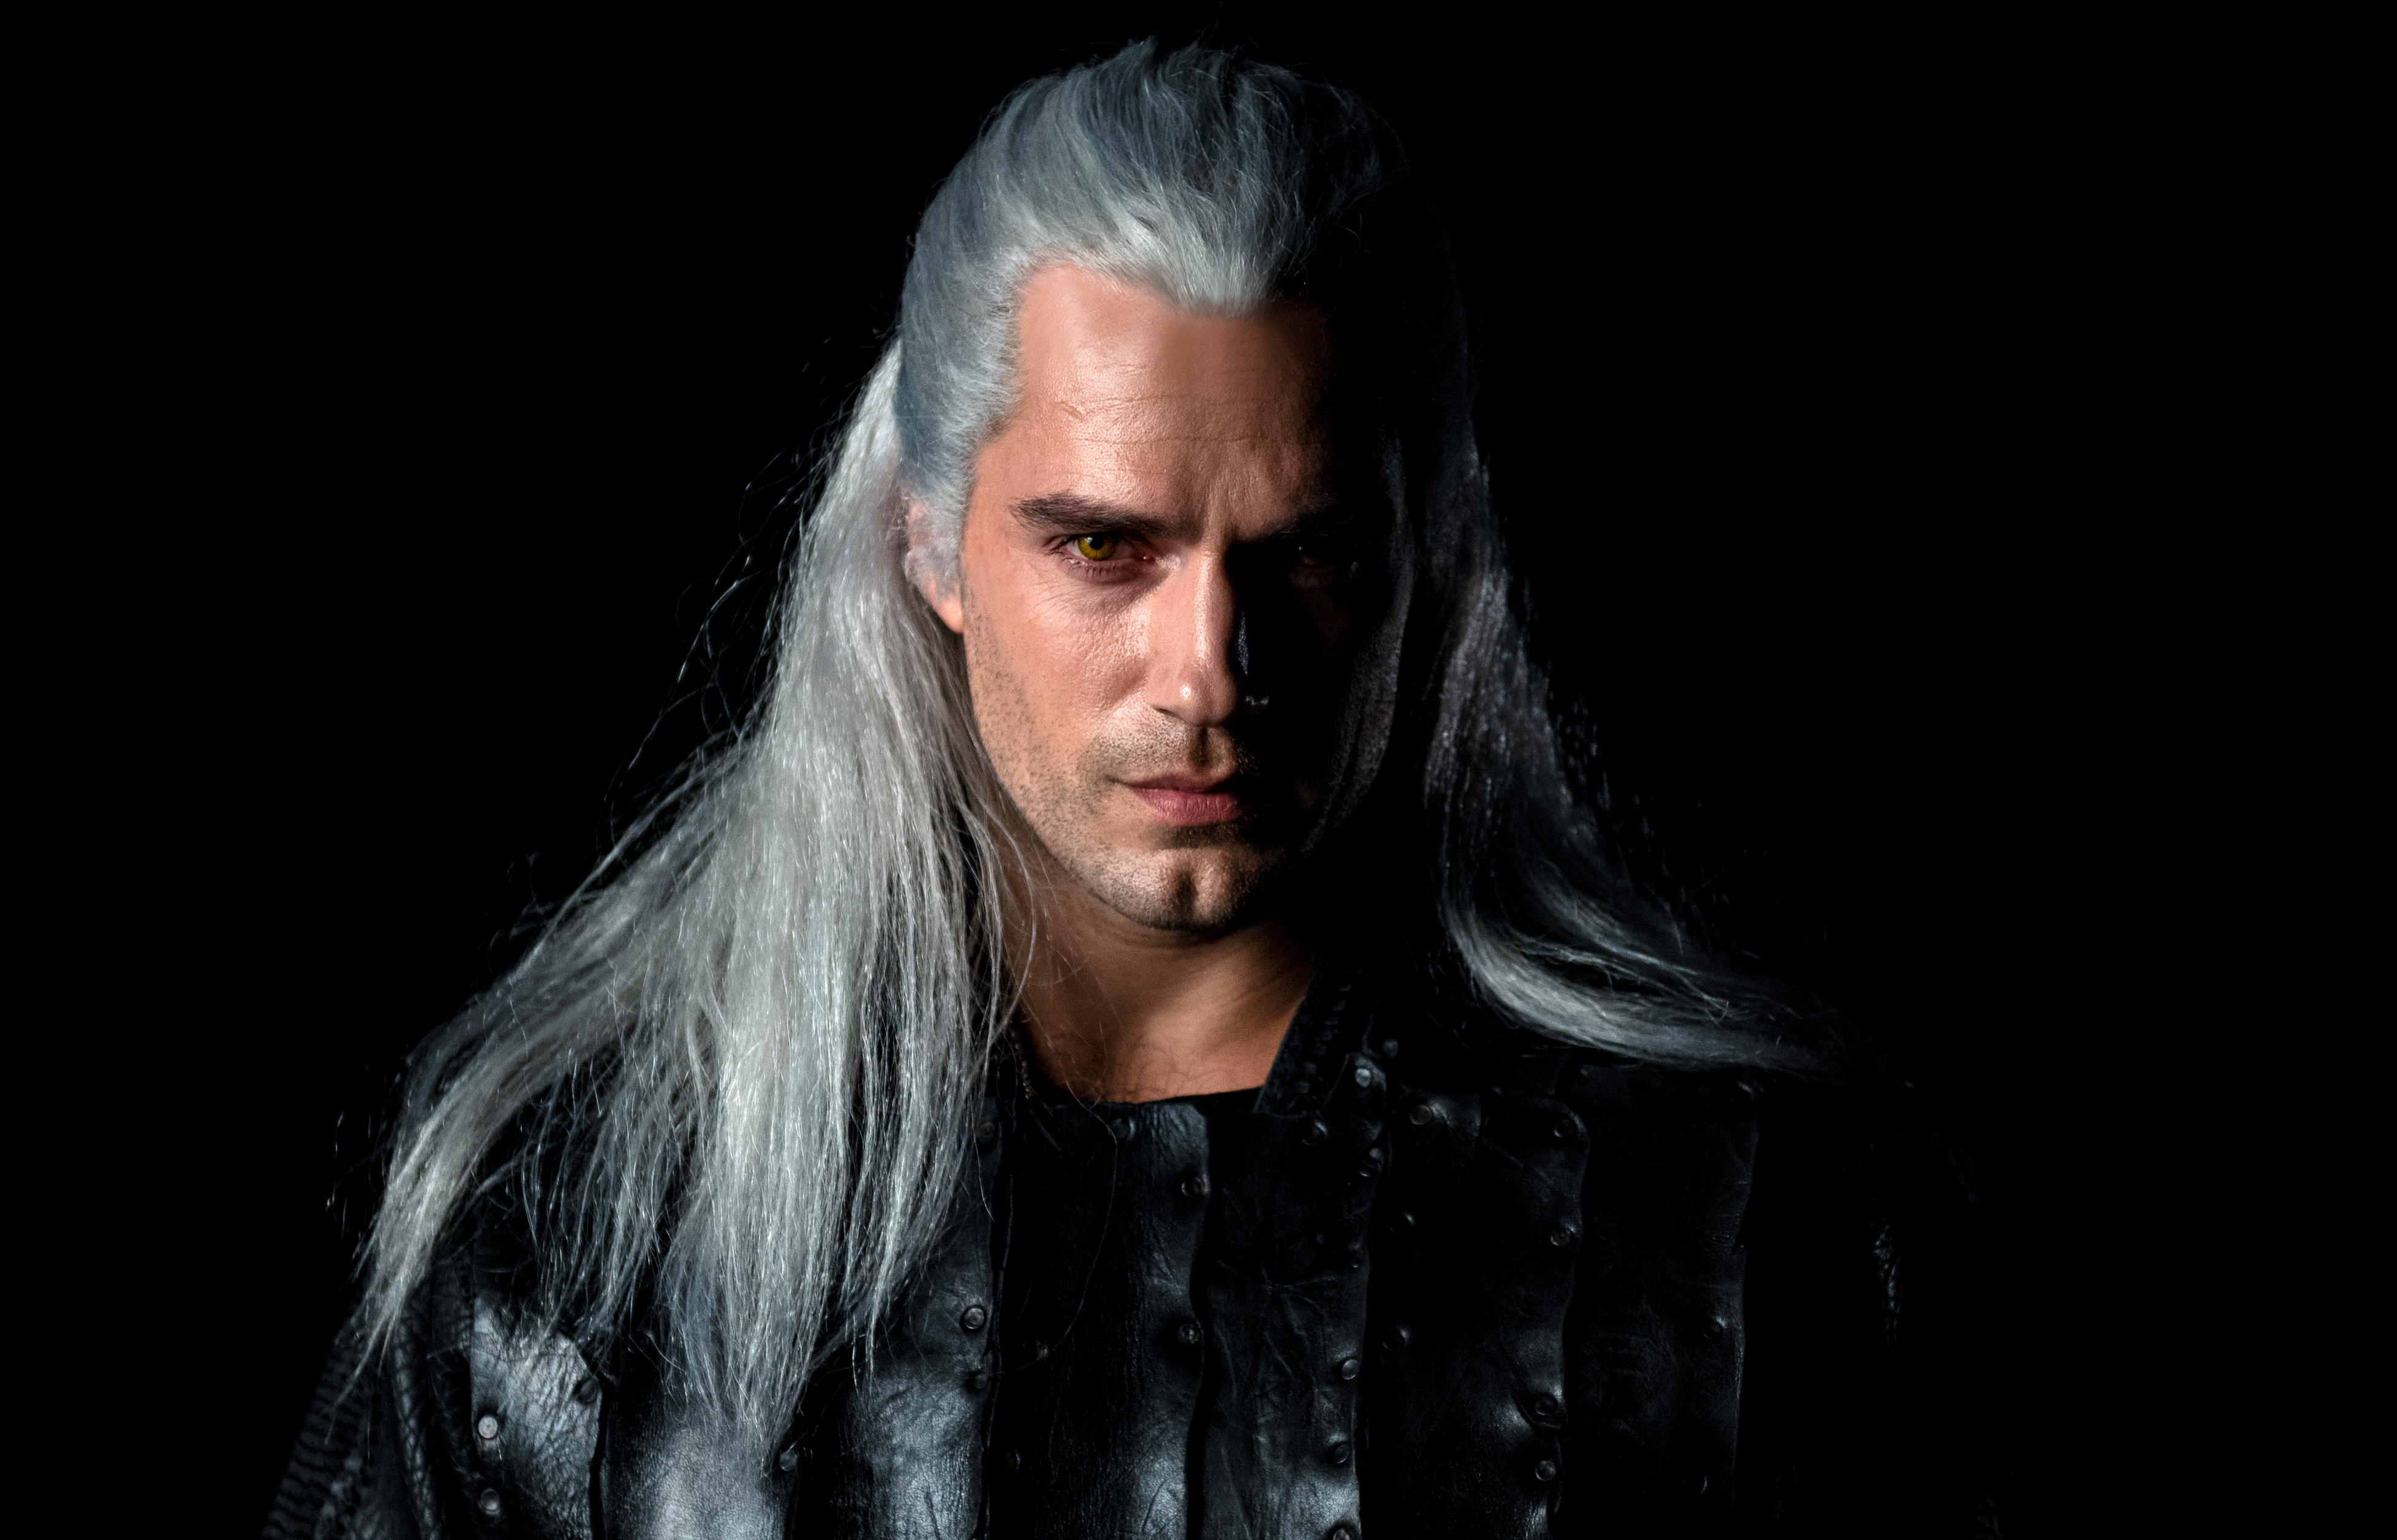 Wallpaper 4k Henry Cavill As Geralt The Witcher Yennefer In Witcher Wallpaper Yennefer In Witcher Wallpaper Hd 4k Yennefer Wallpaper Witcher 4k